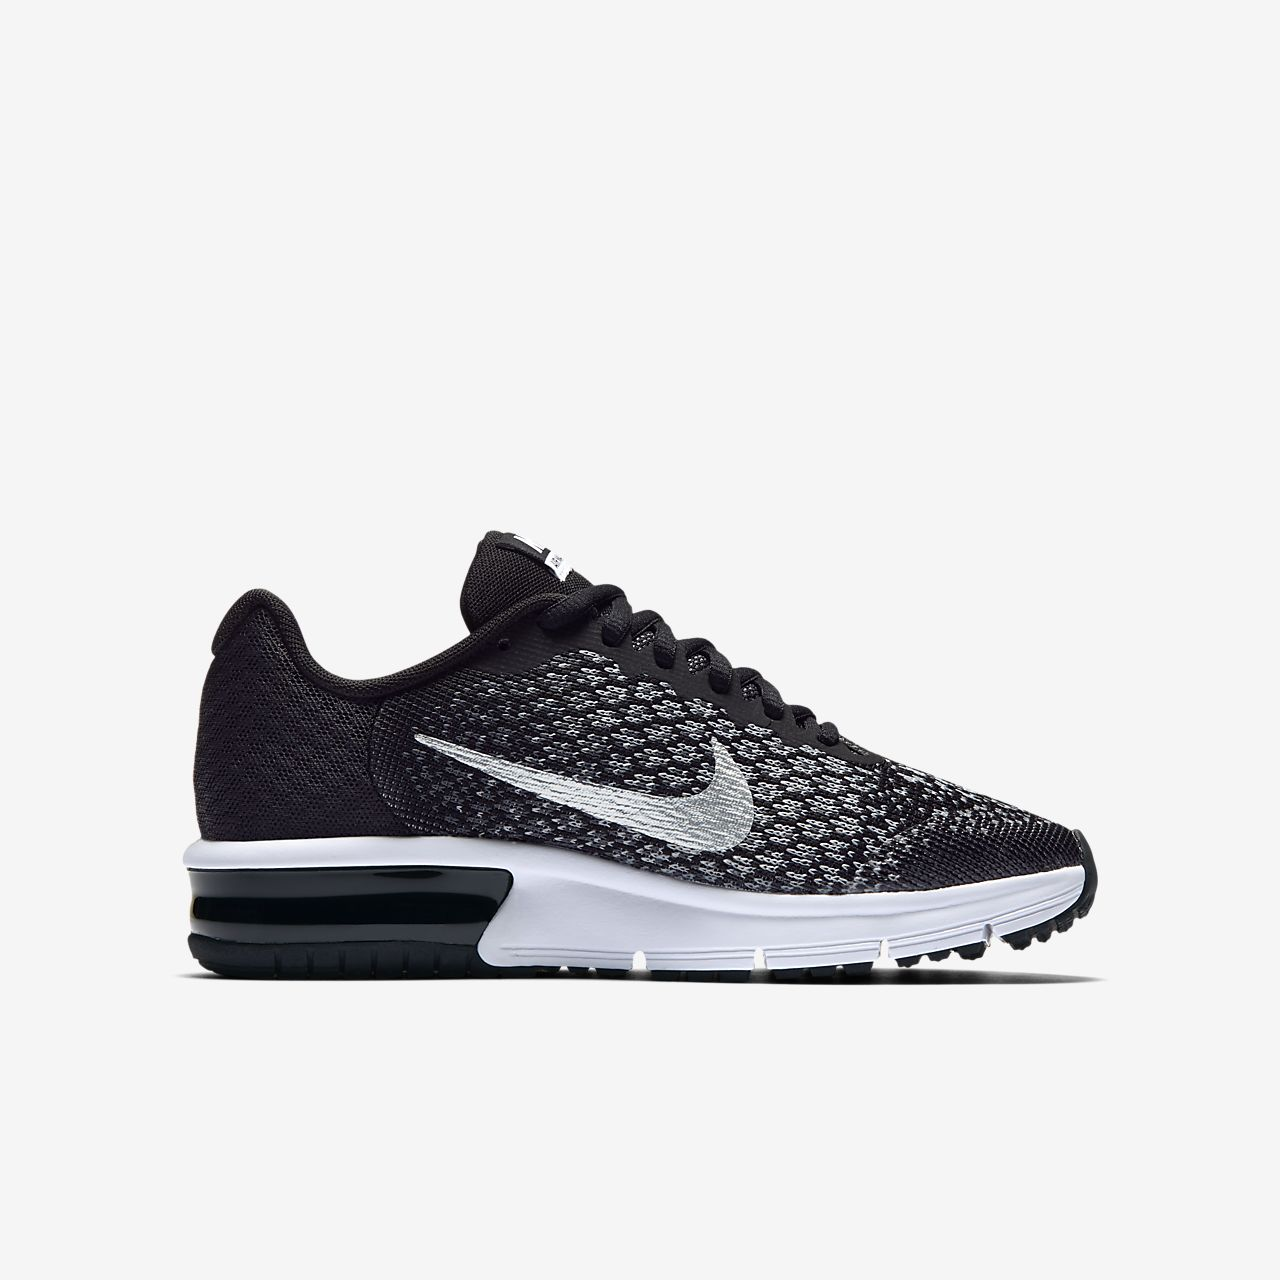 big sale 89584 f3b23 ... Chaussure de running Nike Air Max Sequent 2 pour Enfant plus âgé